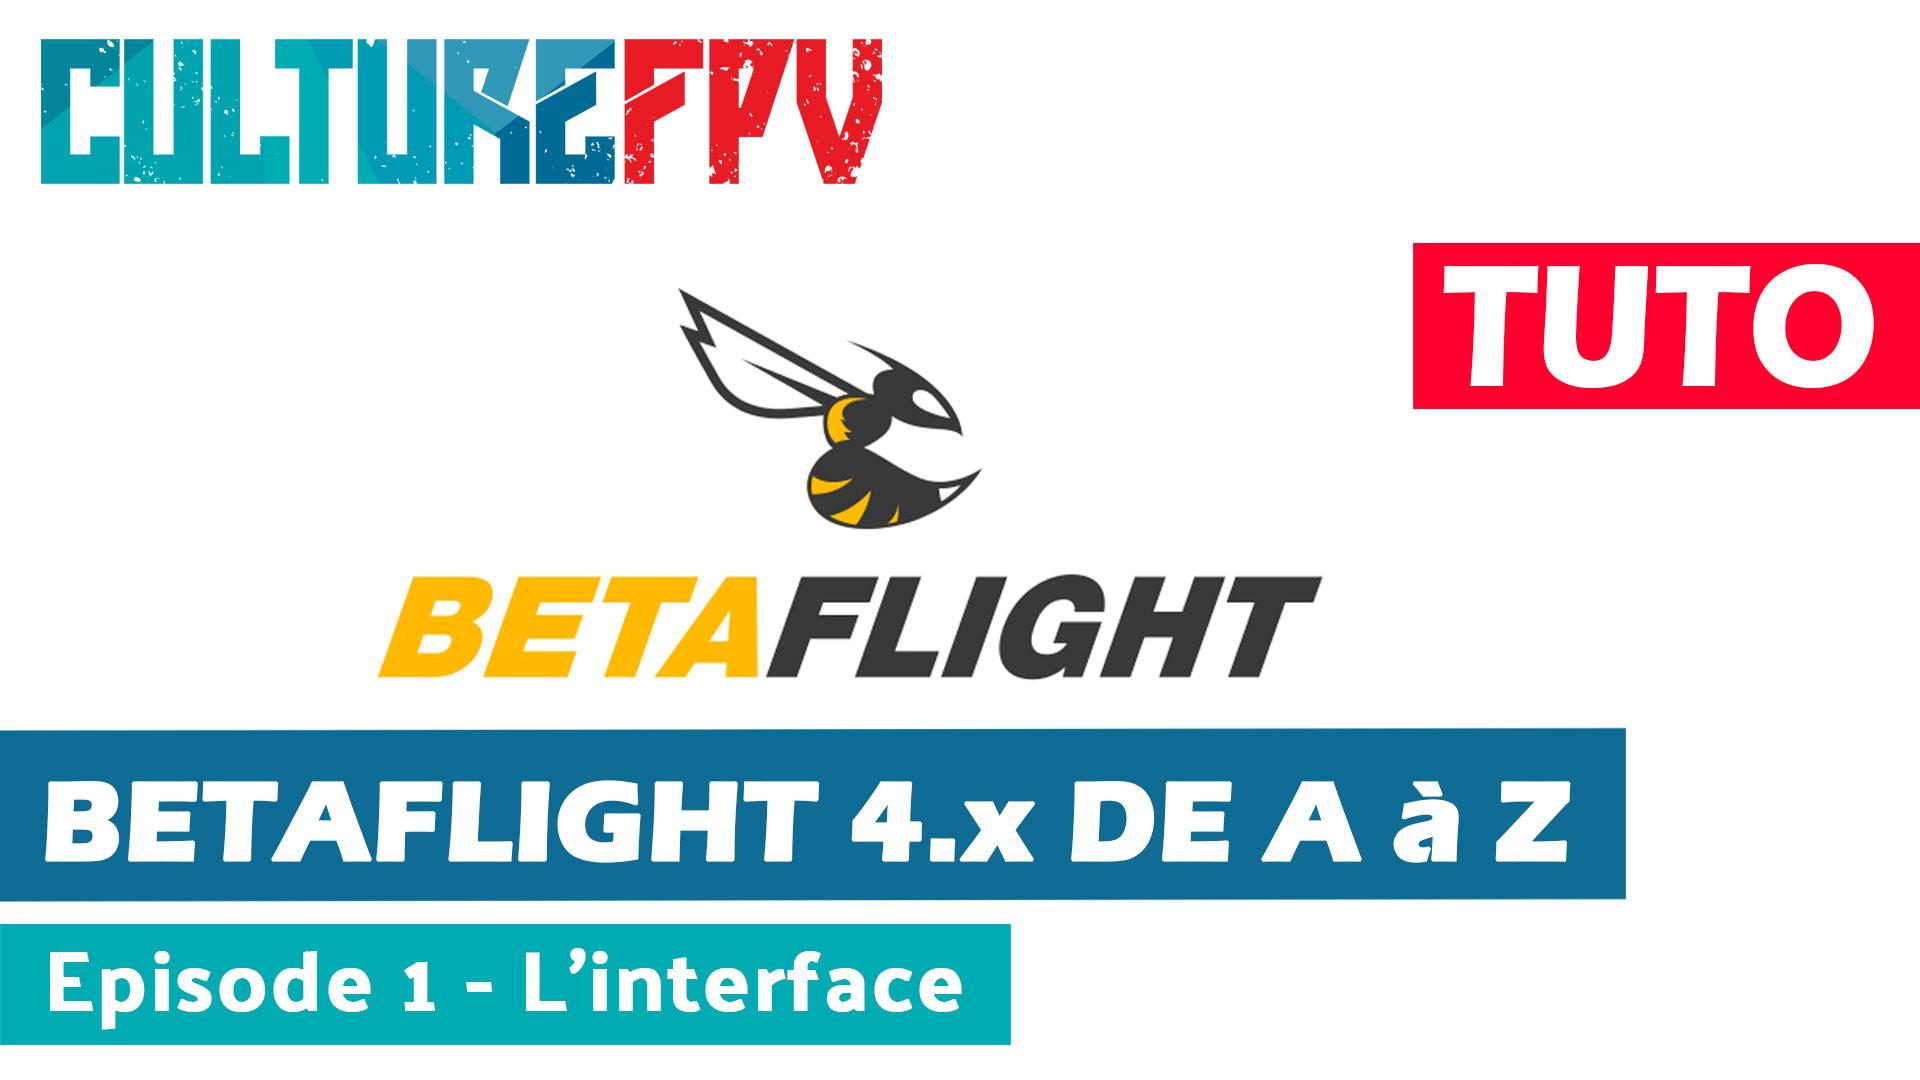 betaflight 4